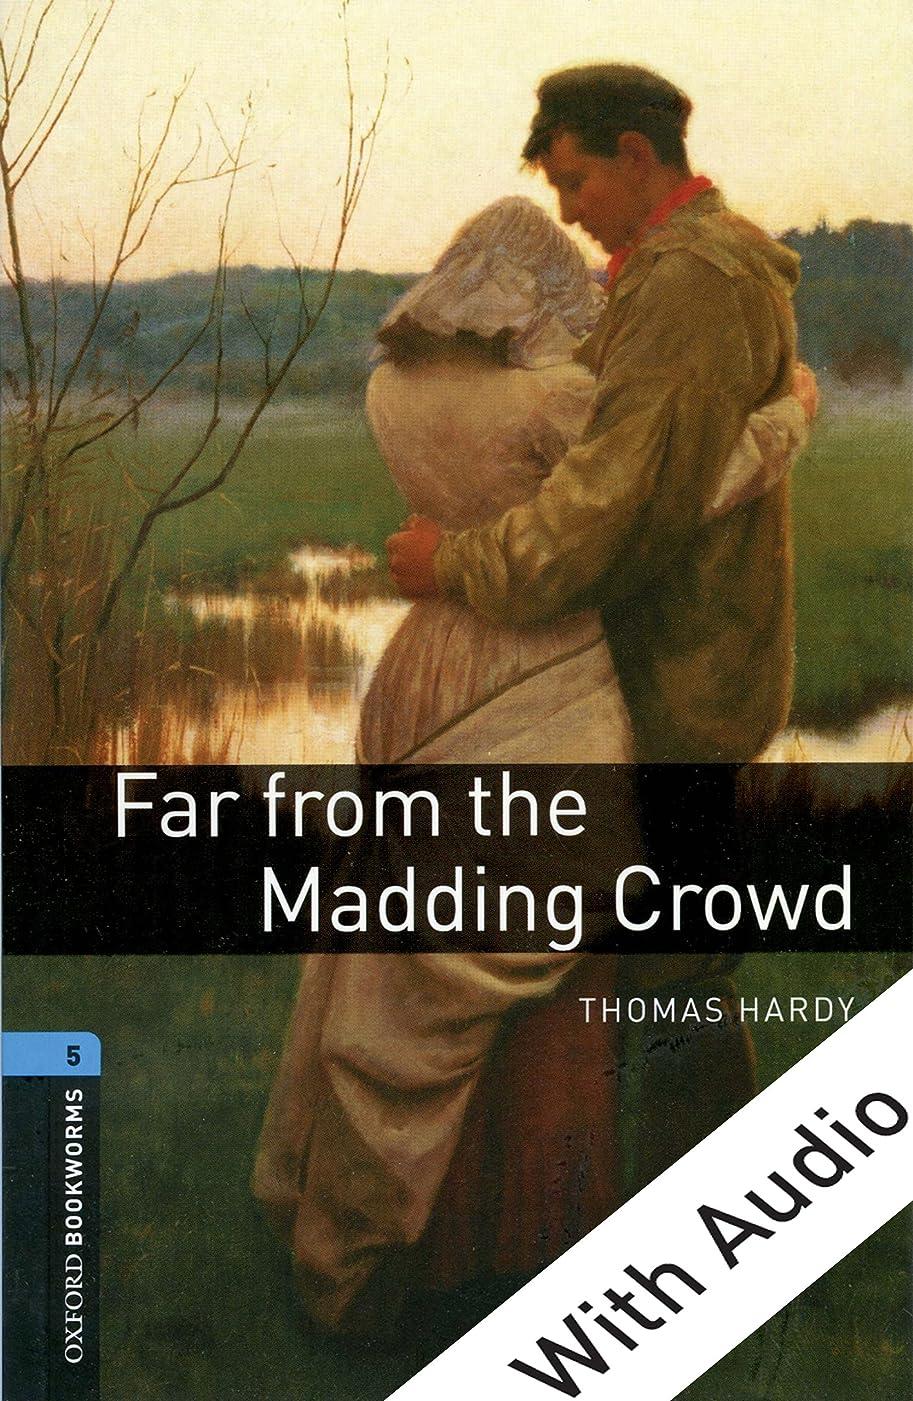 粒ハシー熱Far from the Madding Crowd - With Audio Level 5 Oxford Bookworms Library (English Edition)